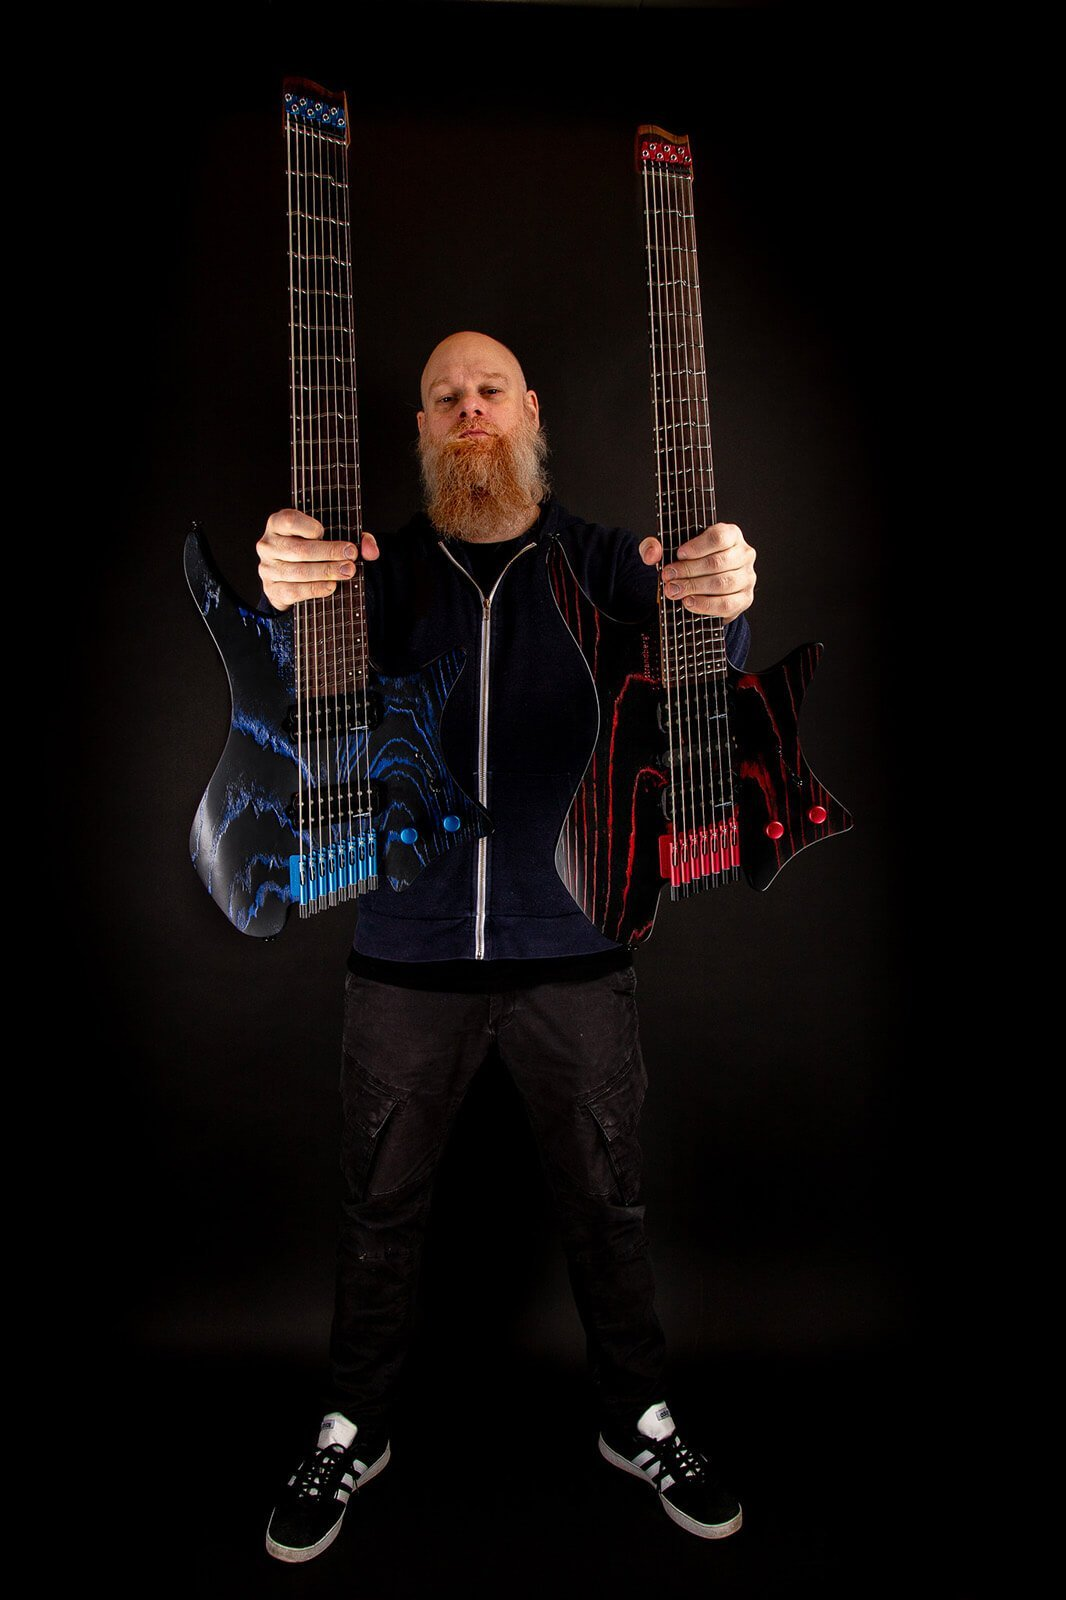 Per Nilsson holding Headless Guitar Boden Singularity